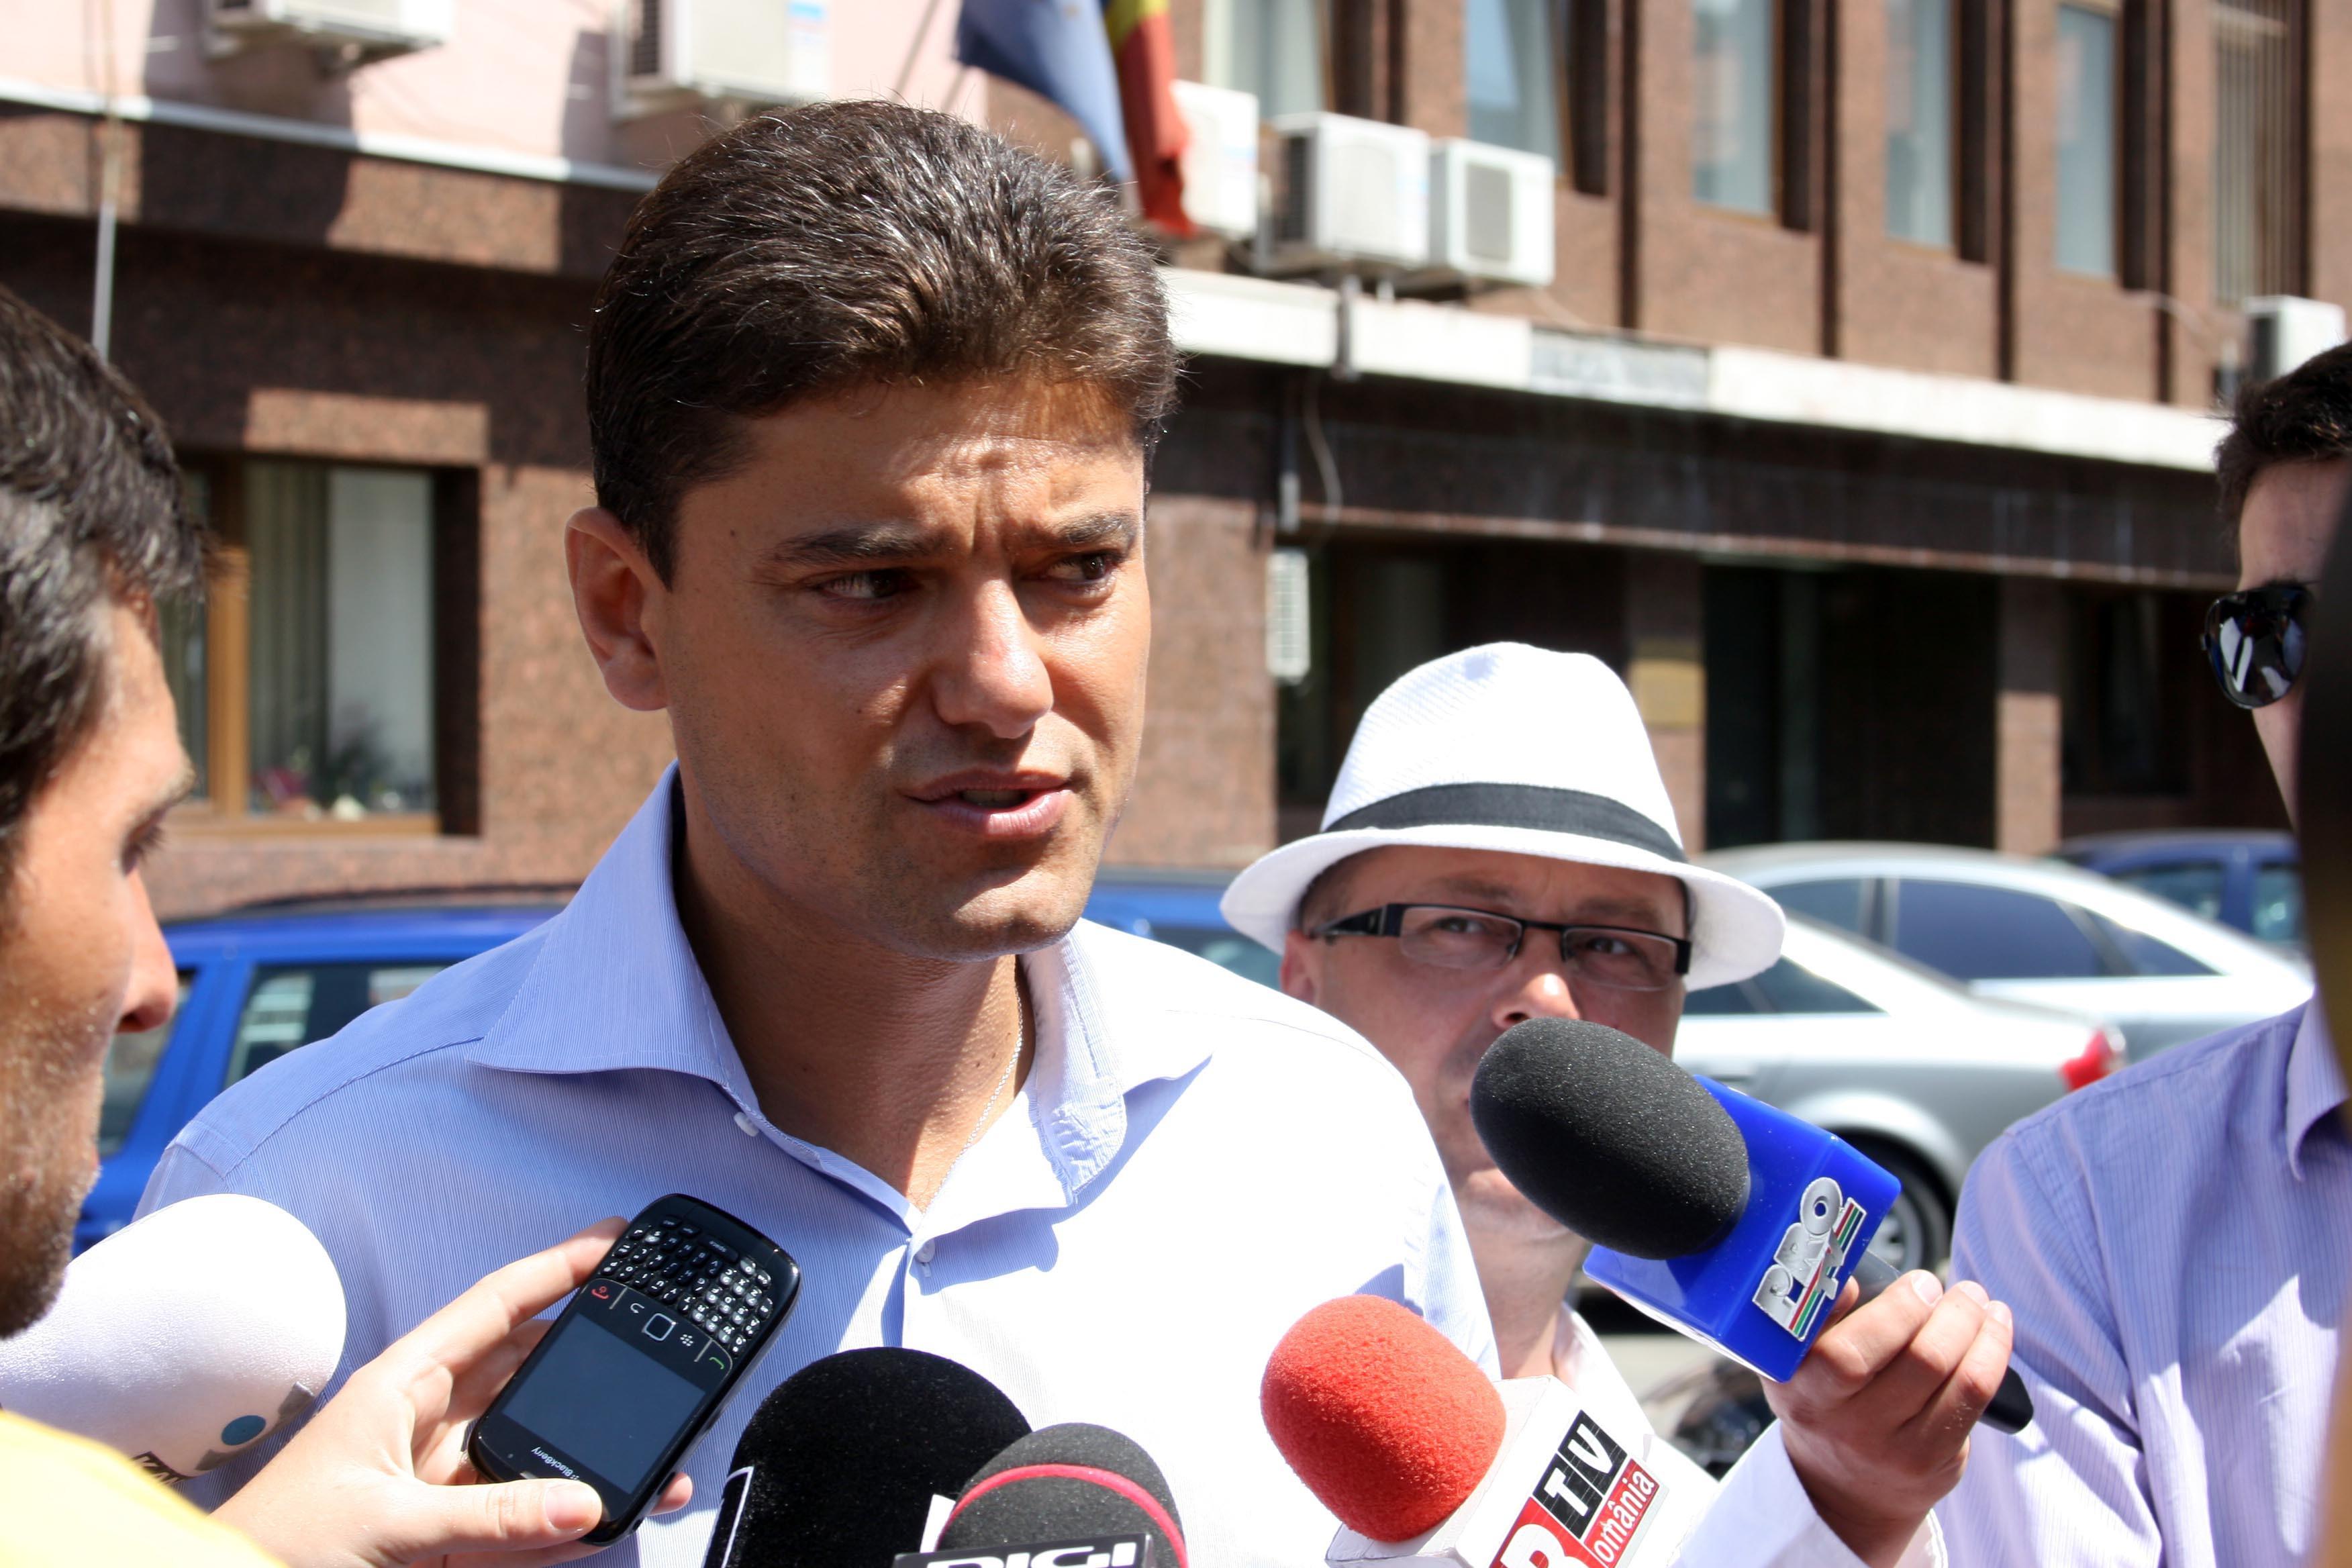 VIDEO Cristian Boureanu va fi audiat. În ce alte SCANDALURI a fost implicat fostul parlamentar: de la altercaţii în cluburi la acuzaţii de agresiune asupra fiicei